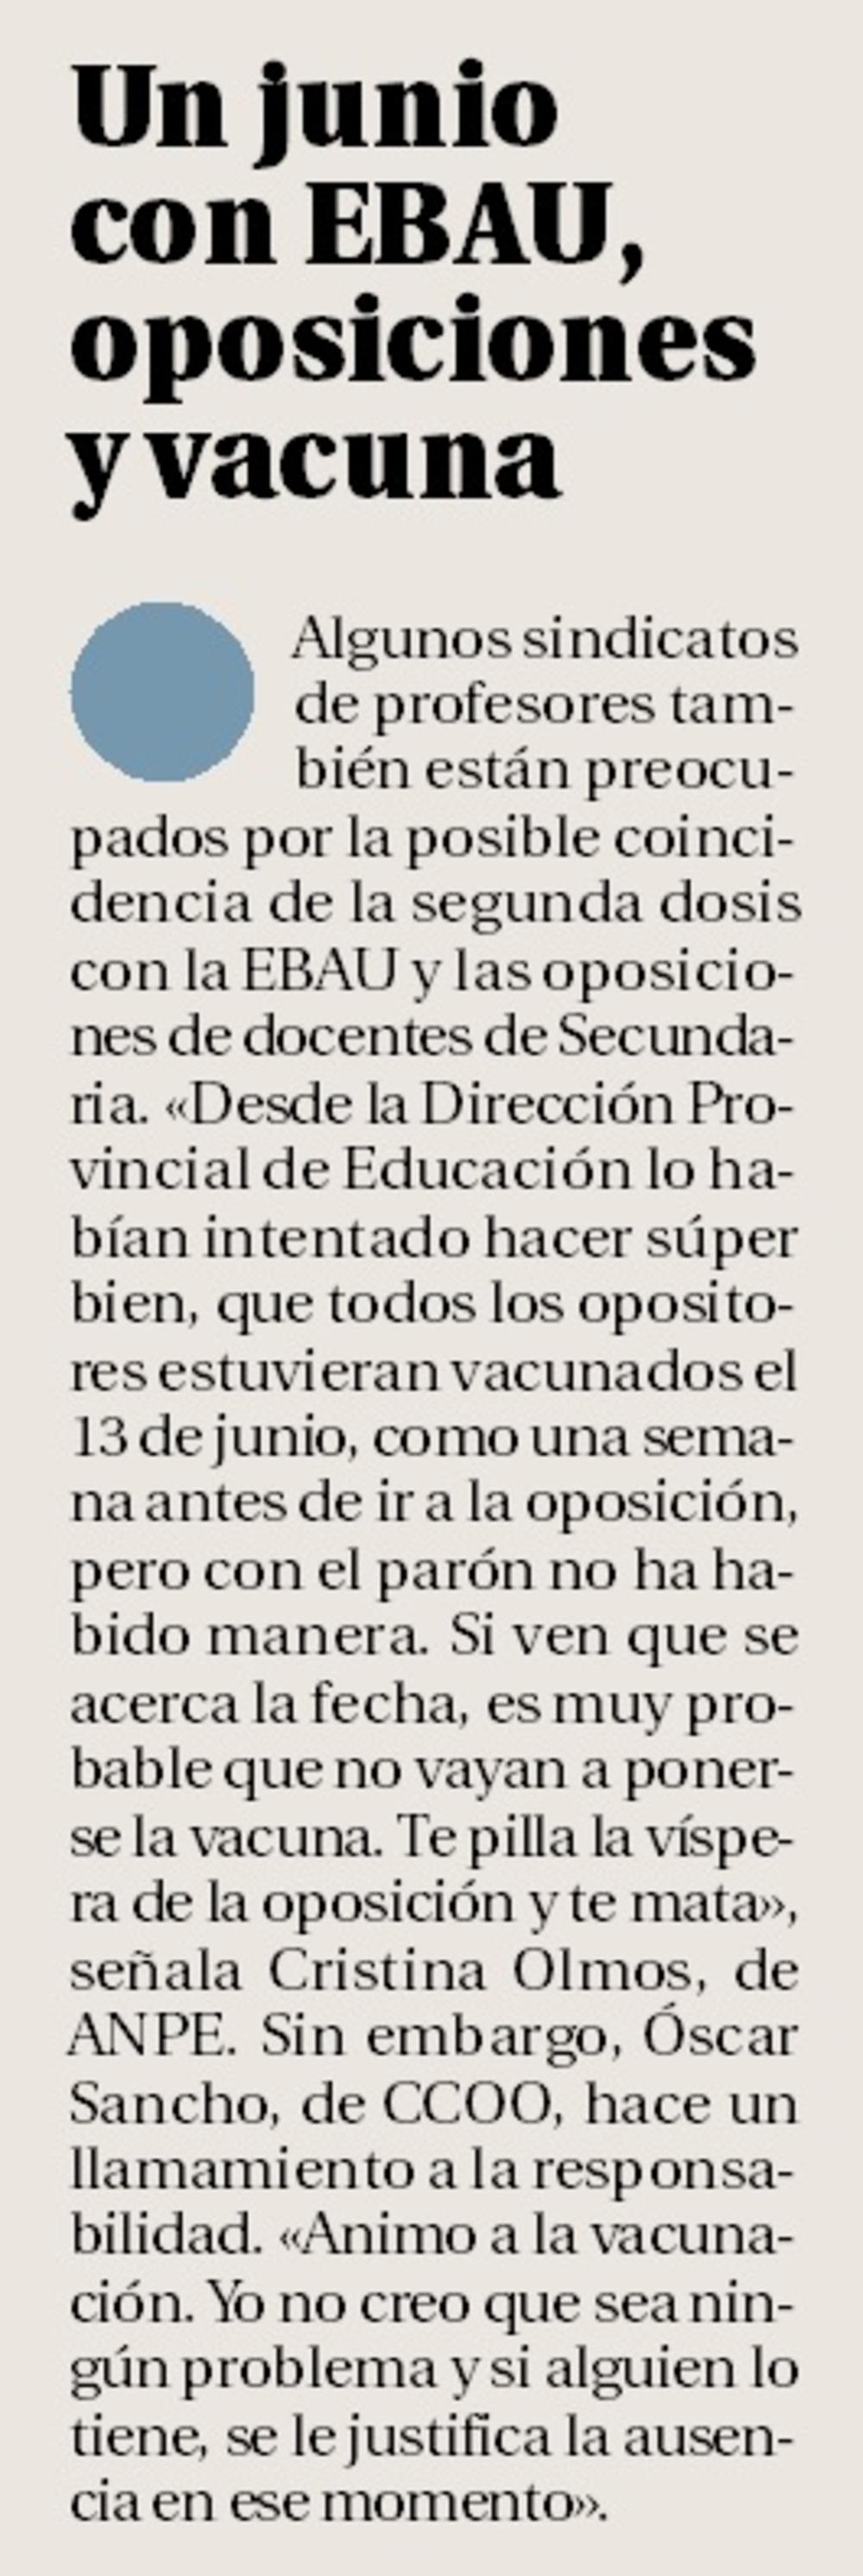 La relajación de las medidas amenaza 117 puestos docentes